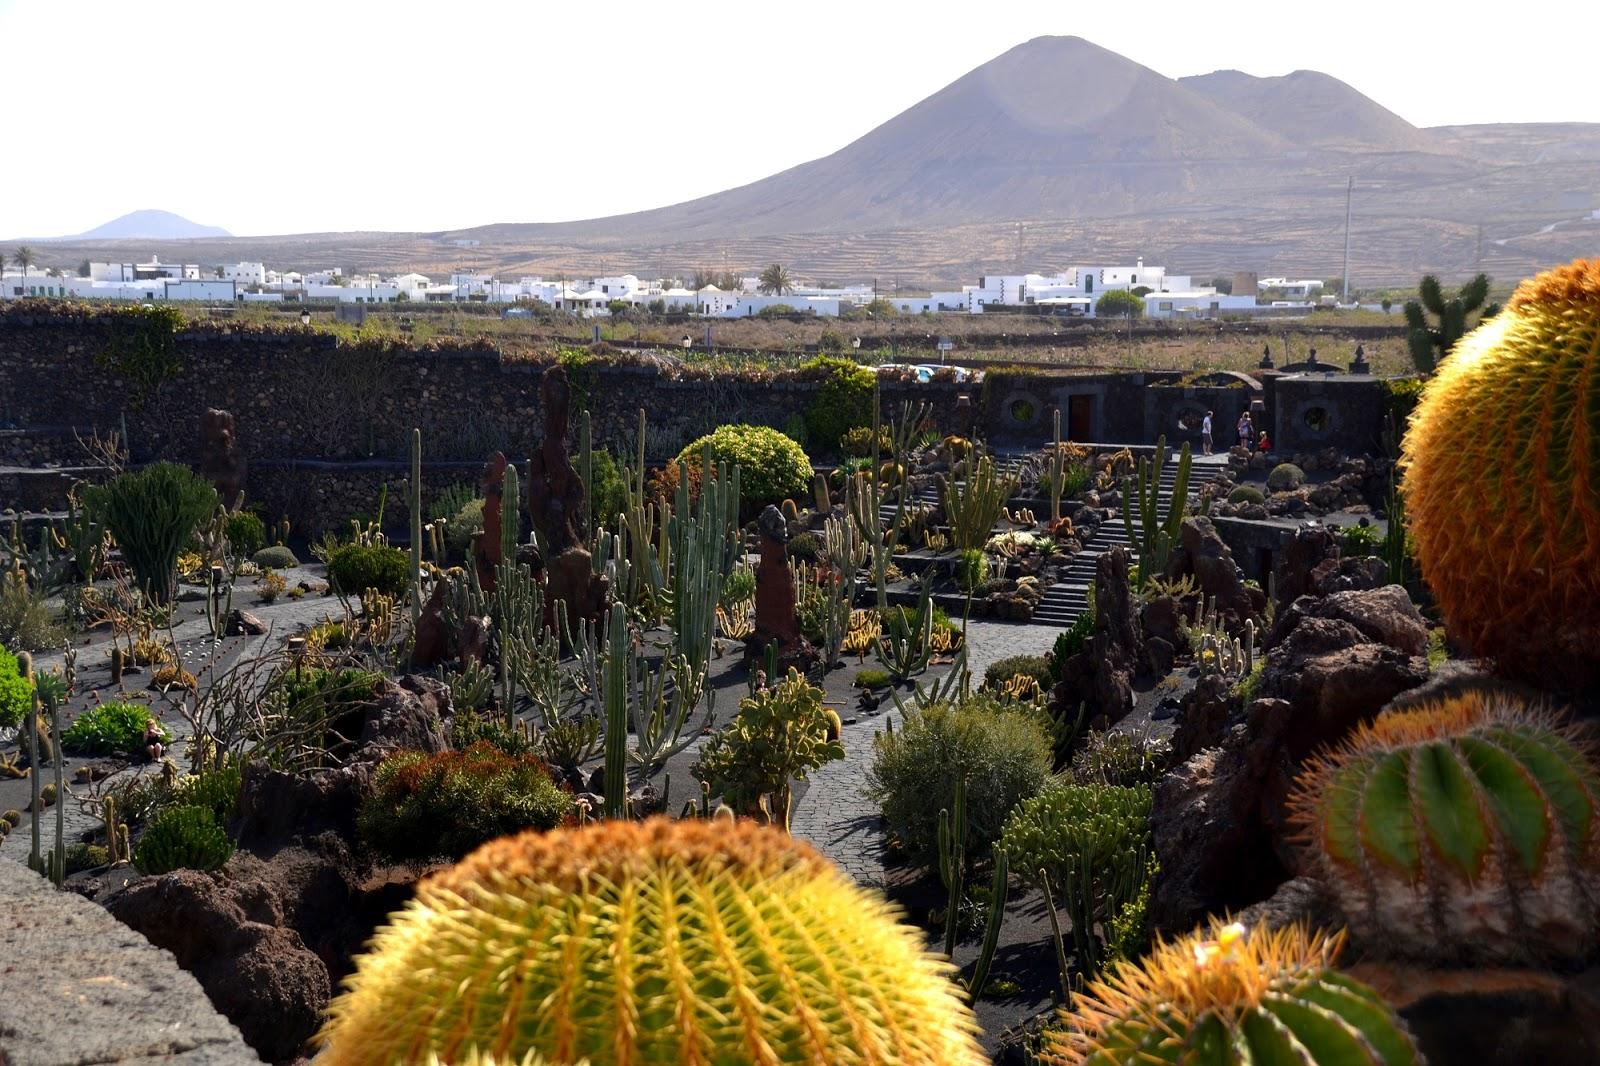 Camino de letras con syra jard n de cactus en lanzarote for Jardin canario horario